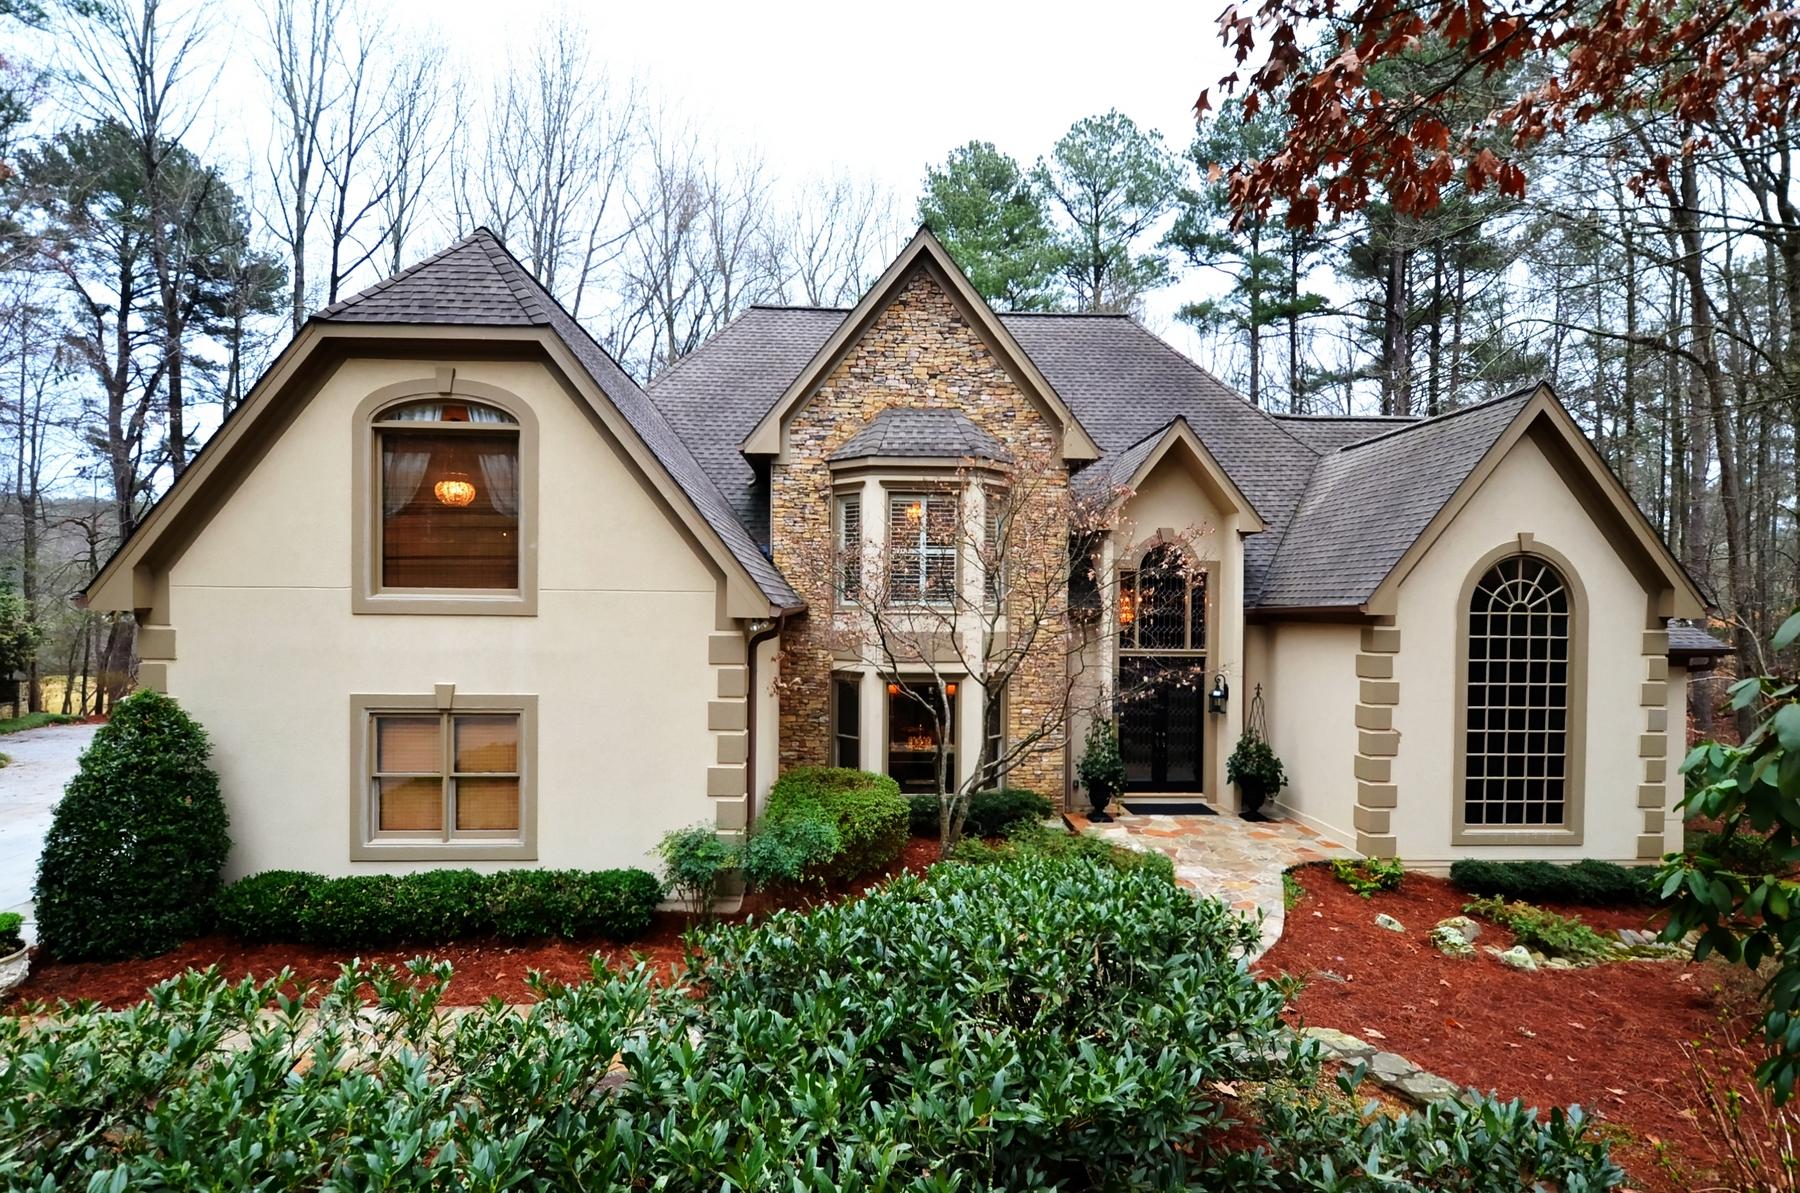 独户住宅 为 销售 在 Spectacular Golf Course Lot 4435 Pemberton Cove Johns Creek, 乔治亚州 30022 美国